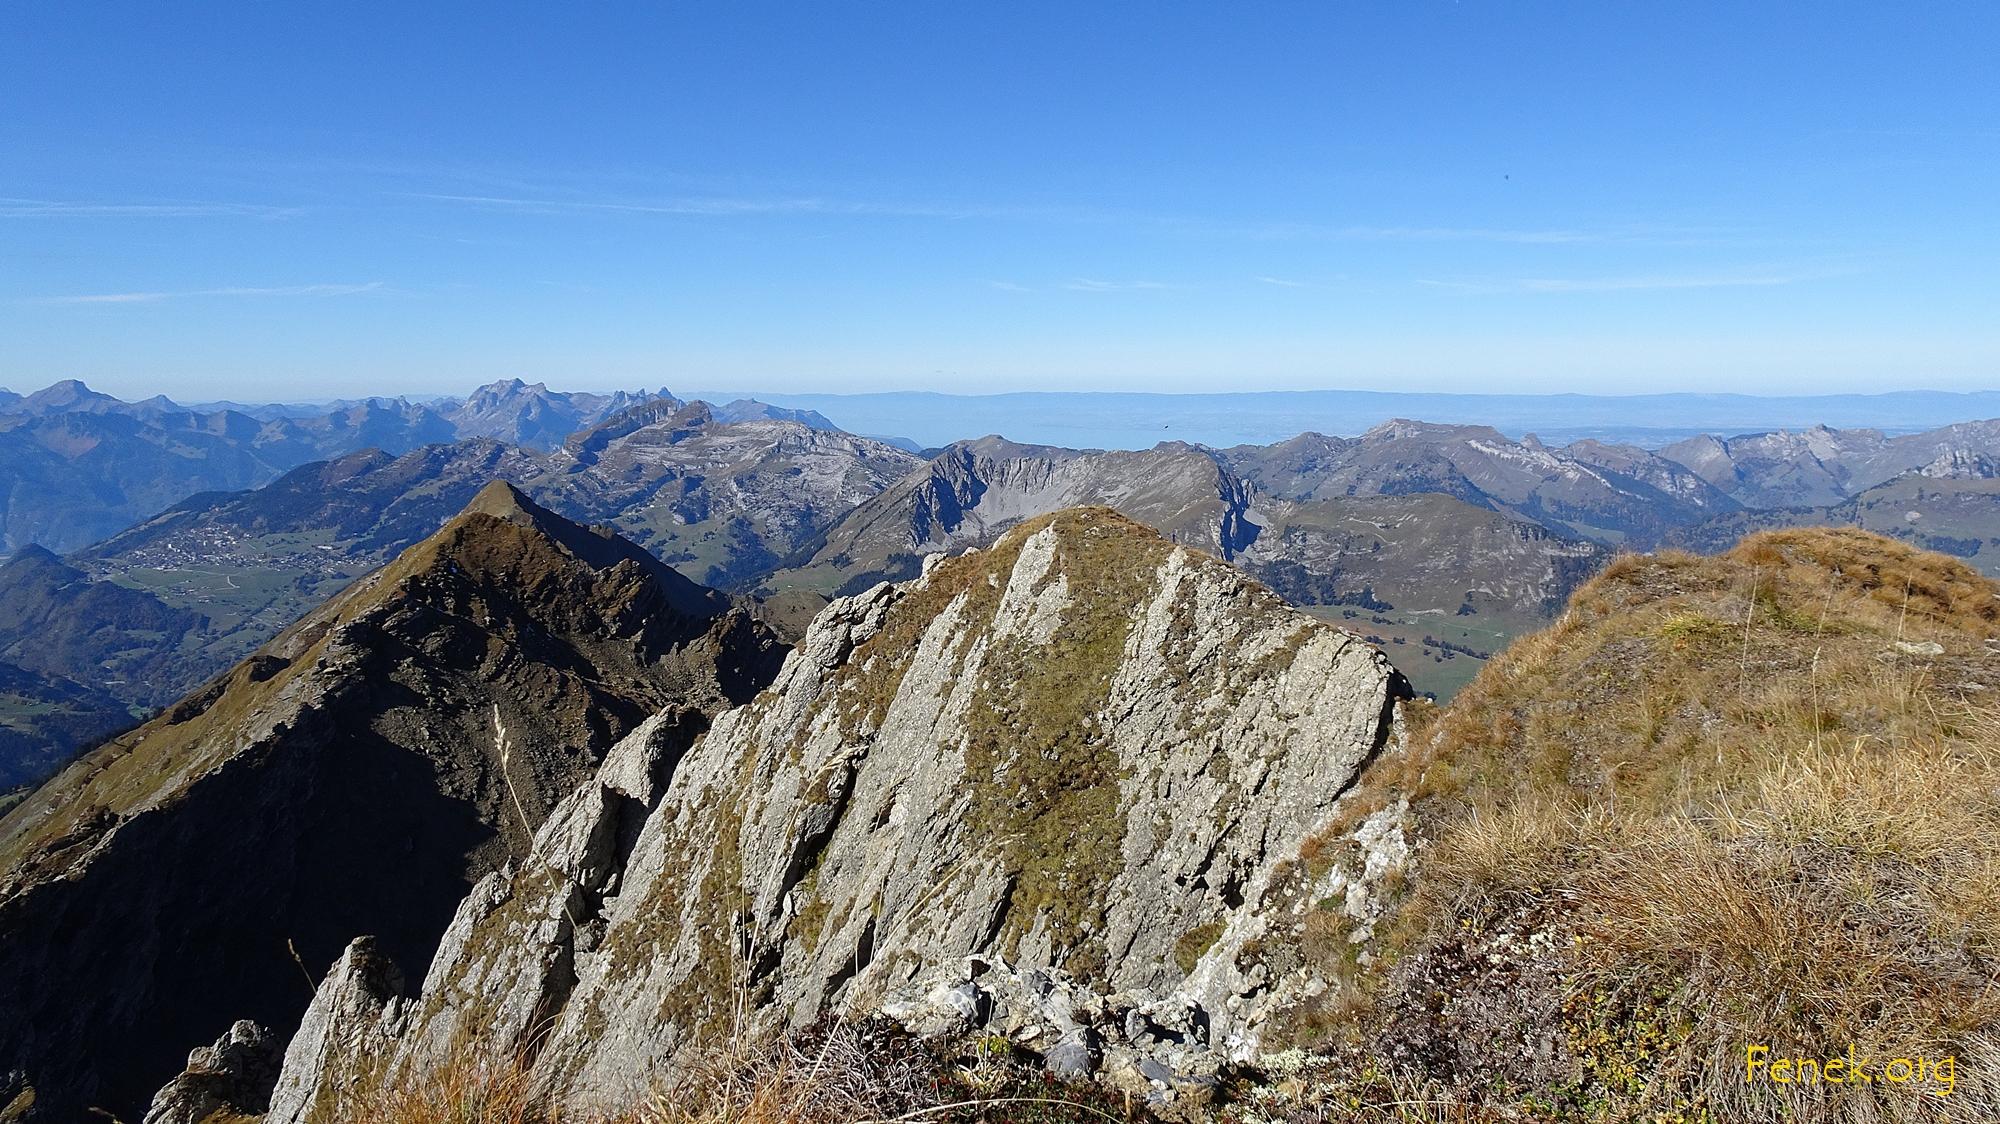 Gipfelaussicht ins Rhonetal, der Genfersee ist schwach erkennbar